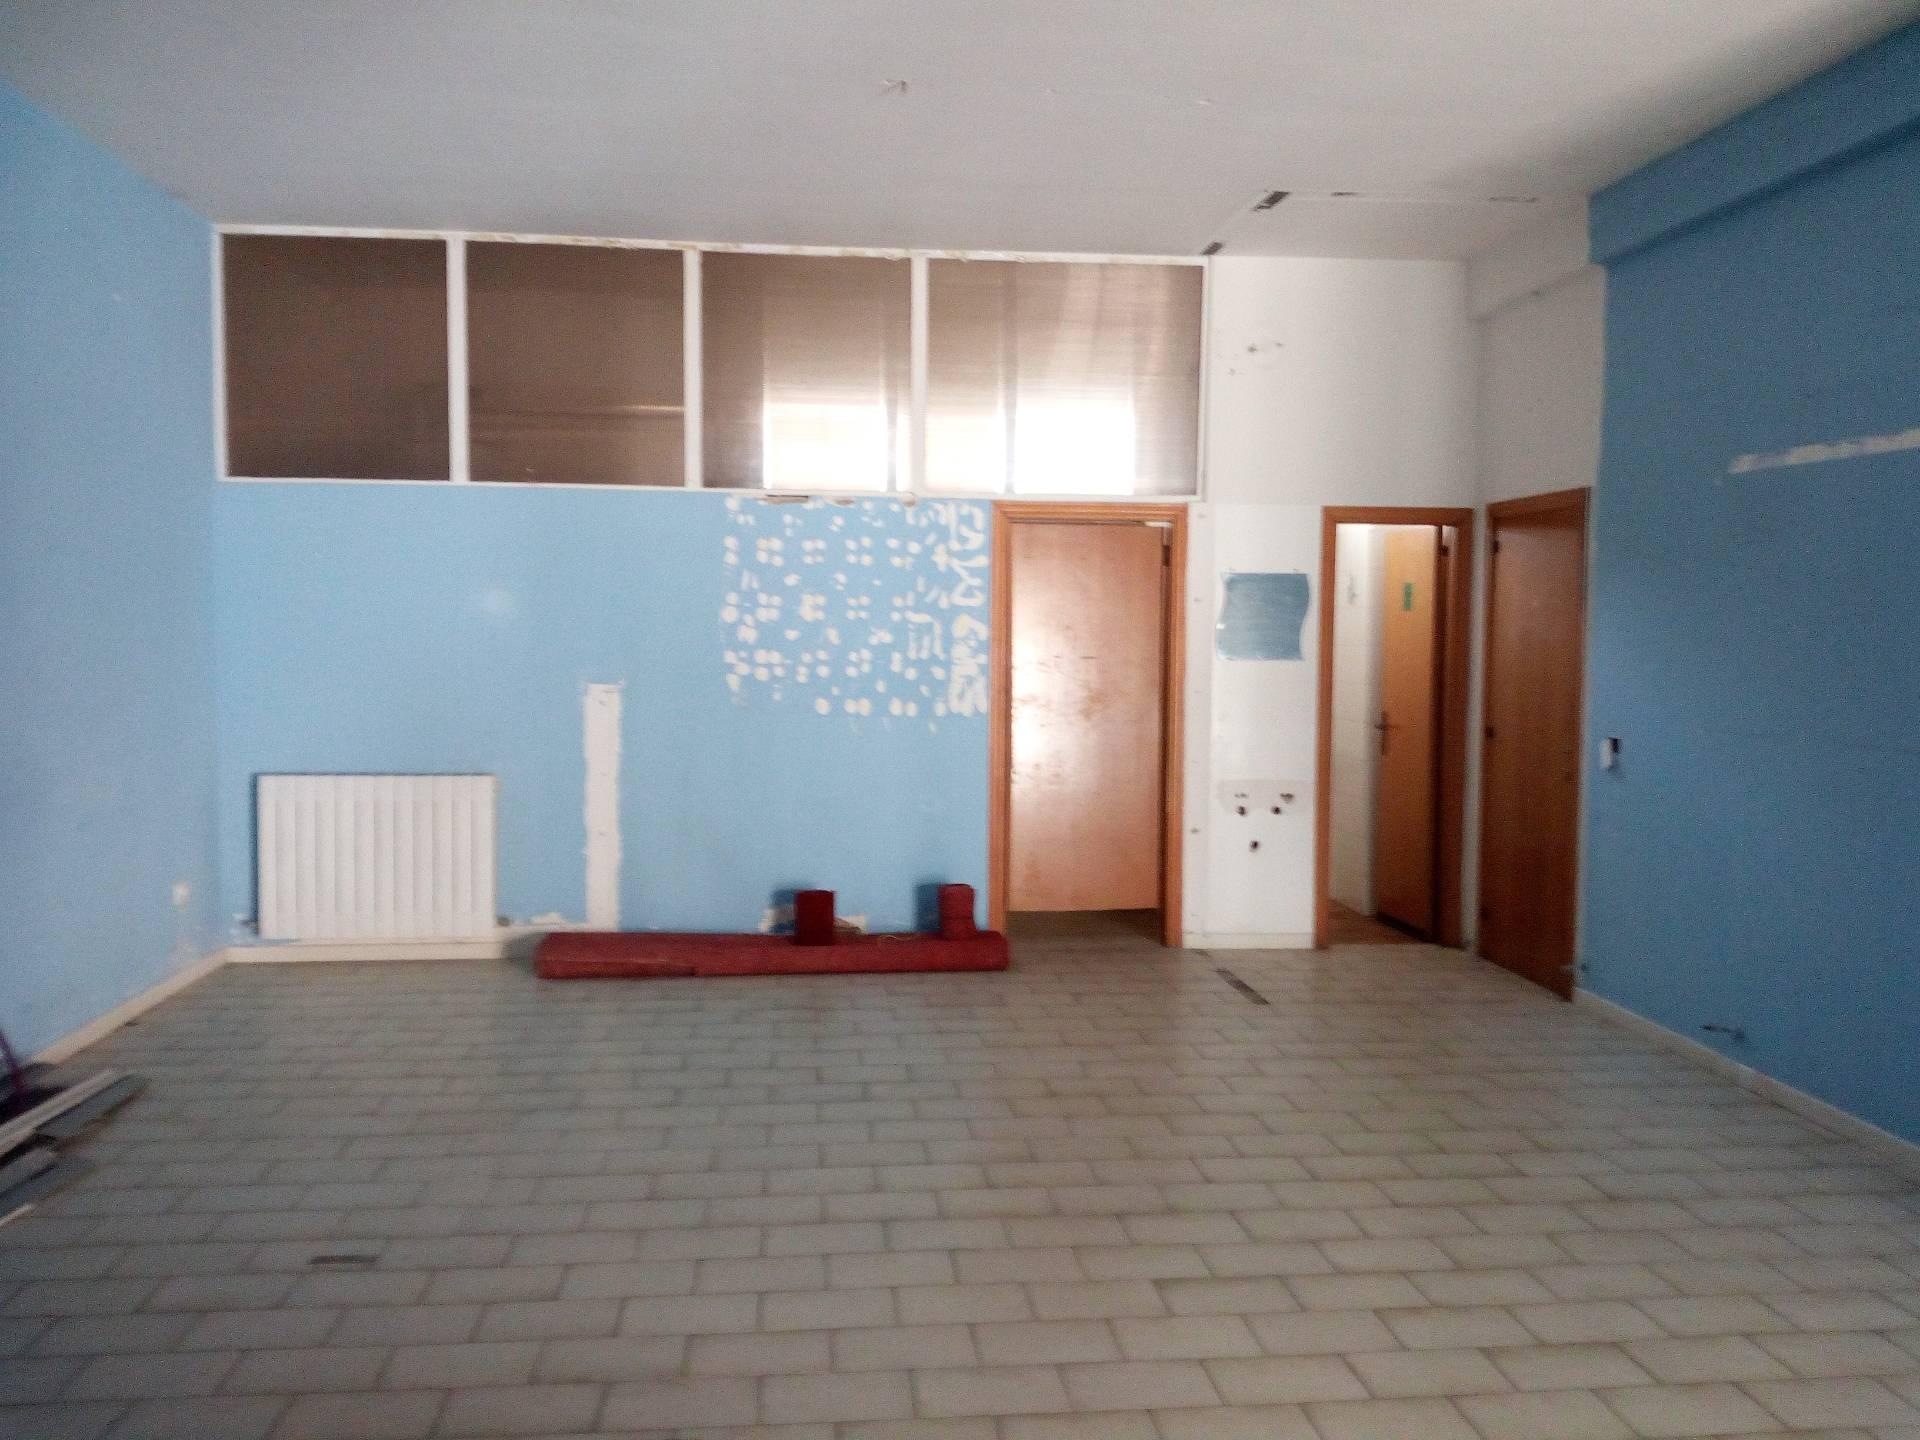 Negozio / Locale in vendita a Alba Adriatica, 9999 locali, zona Località: ZonaMare, prezzo € 89.000 | CambioCasa.it